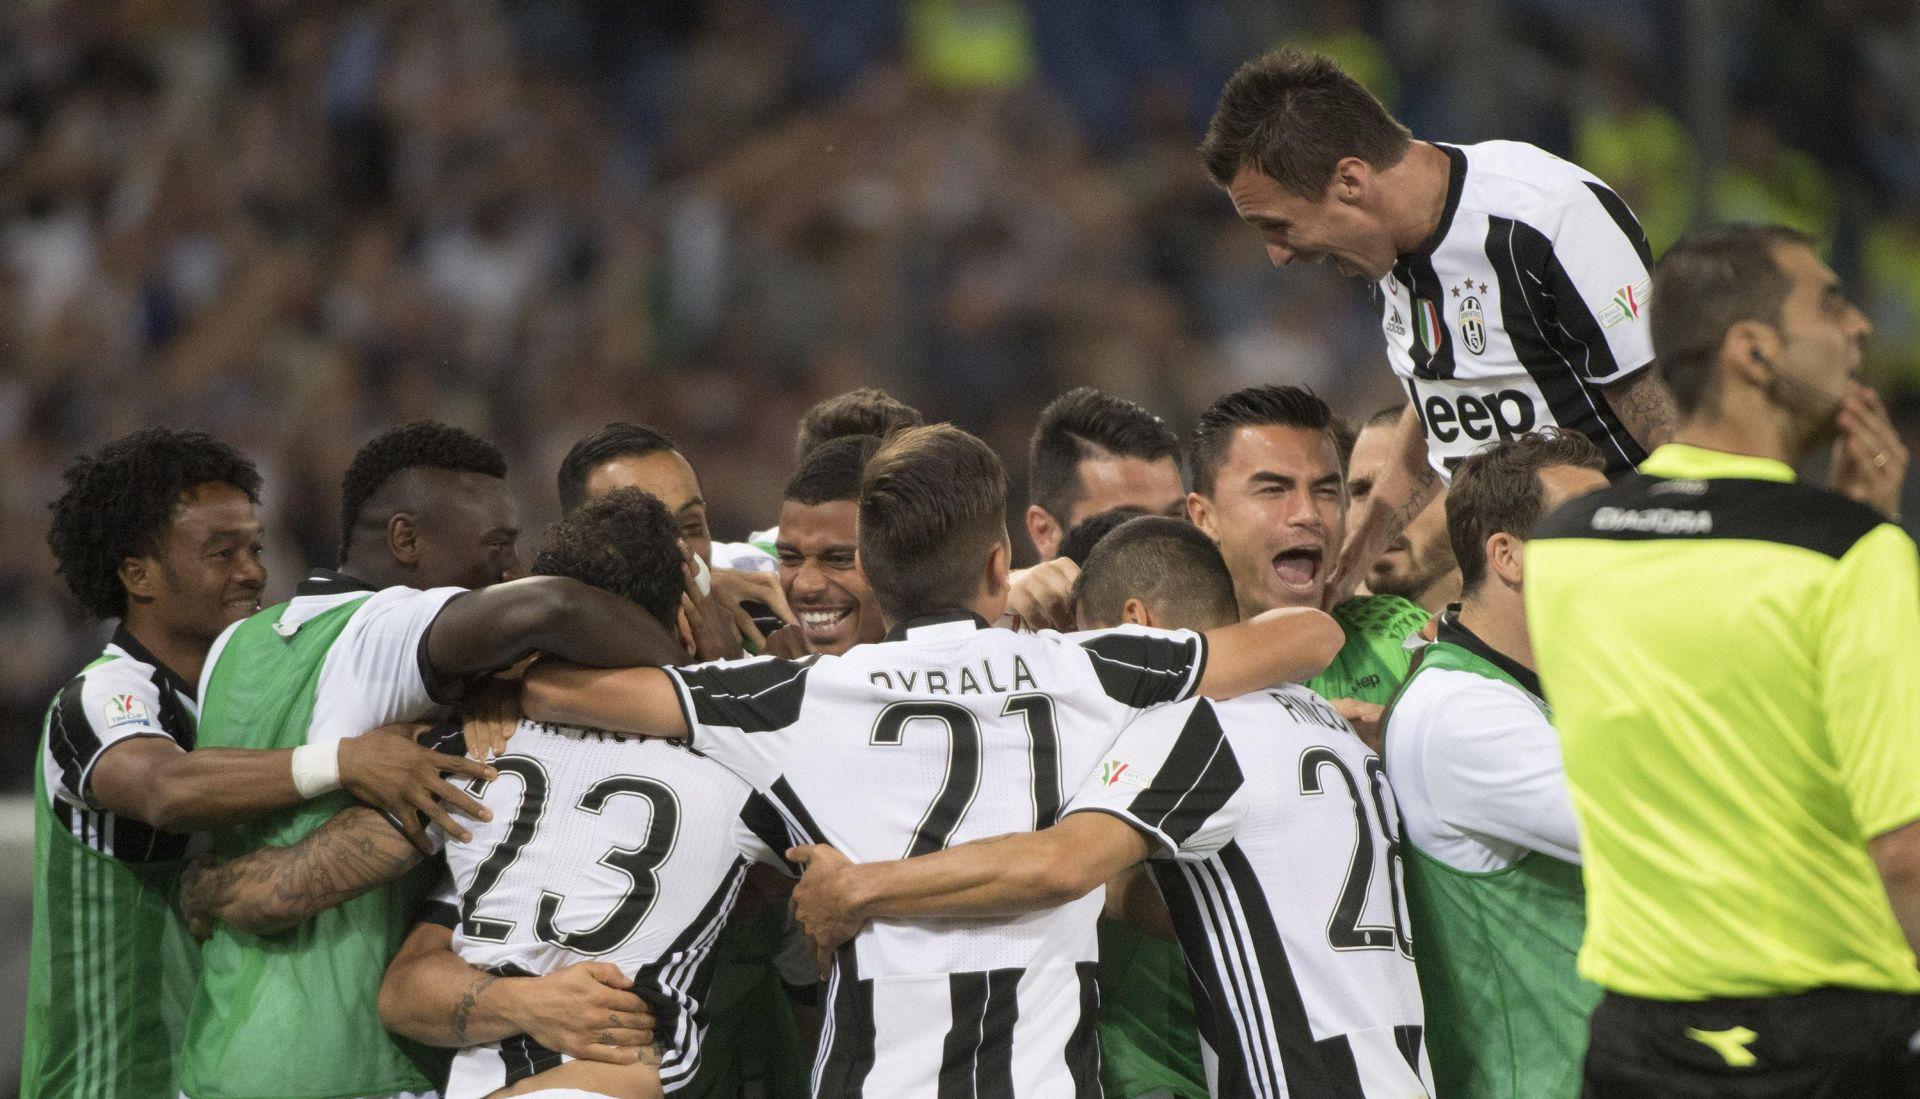 VIDEO: MANDŽUKIĆ SI ZA ROĐENDAN POKLONIO POGODAK Juventus šesti puta zaredom prvak Italije!